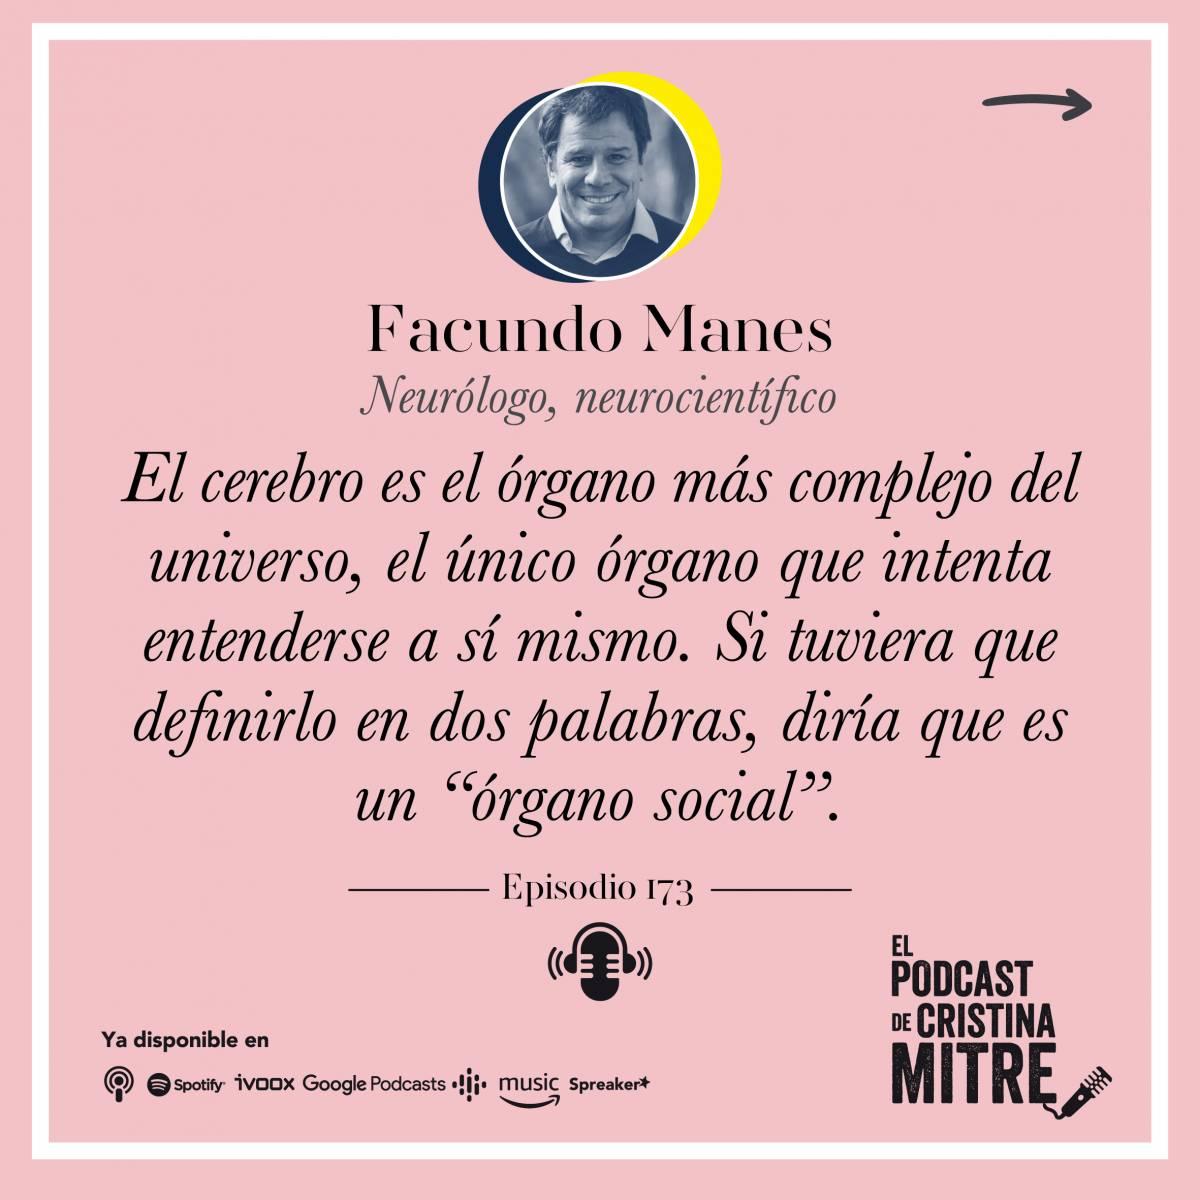 Cuidar el Cerebro salud mental Cristina Mitre Facundo Manes